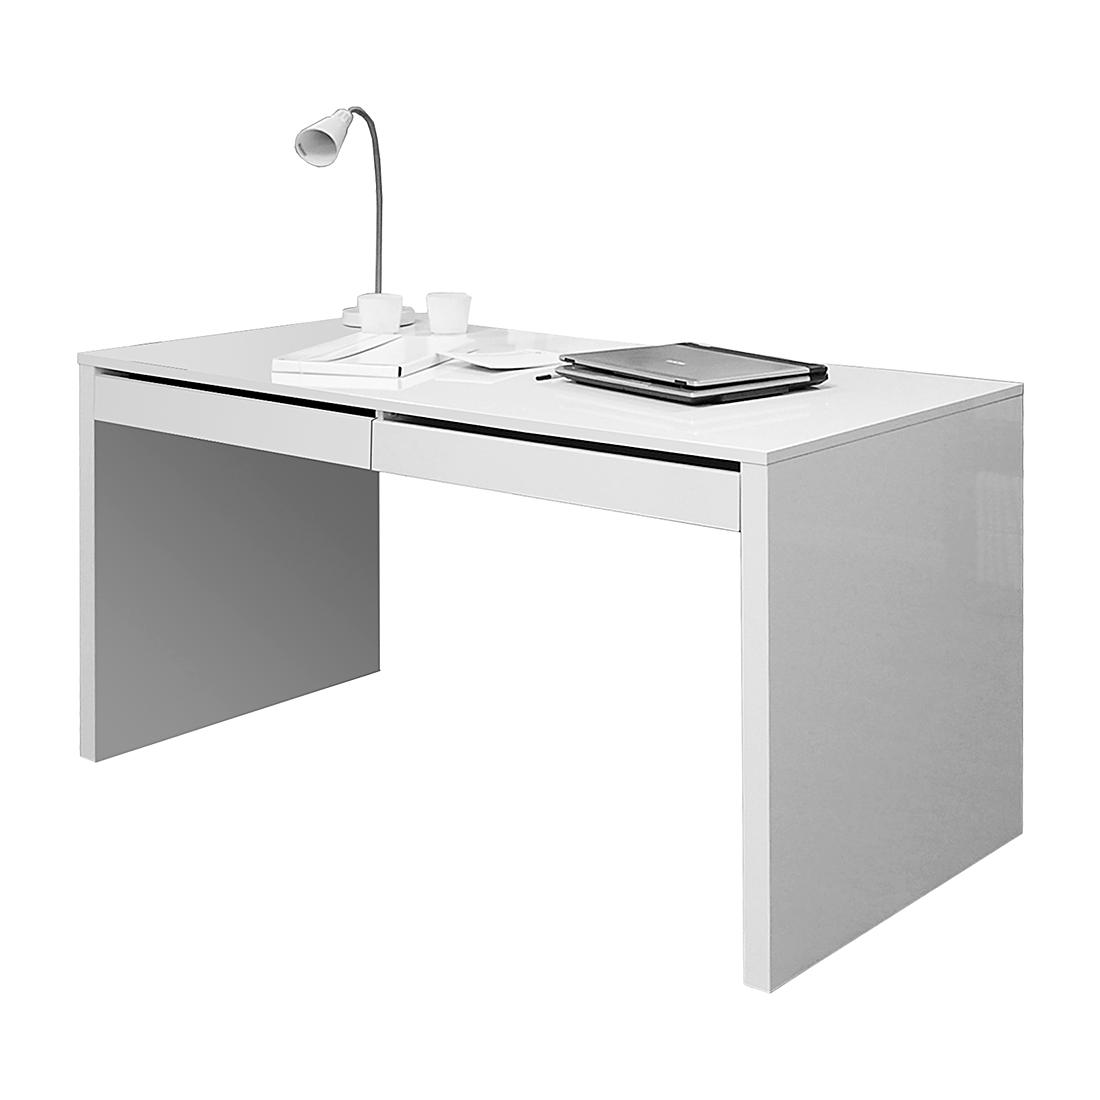 Schreibtisch weiß hochglanz 140  Schreibtisch Weiß Mit Schubladen   daredevz.com